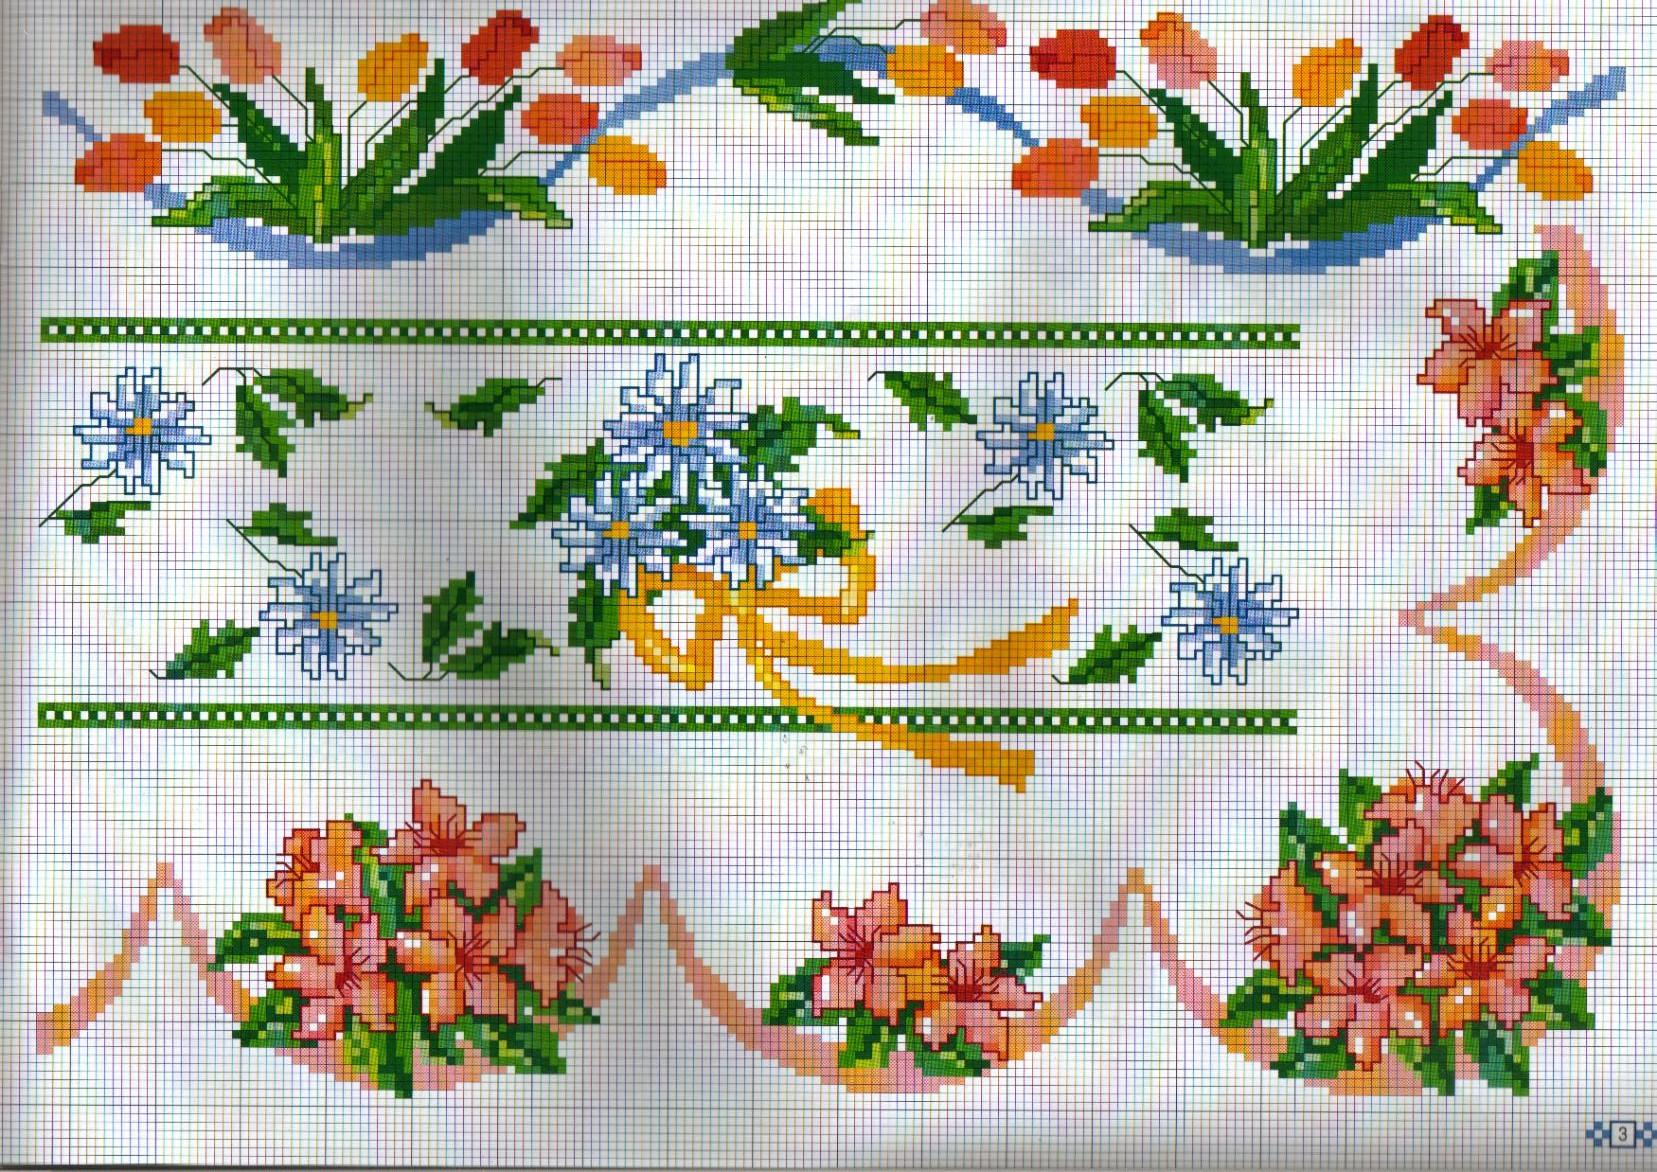 Bordure fiori gigli punto croce uncinetto for Bordure uncinetto schemi gratis